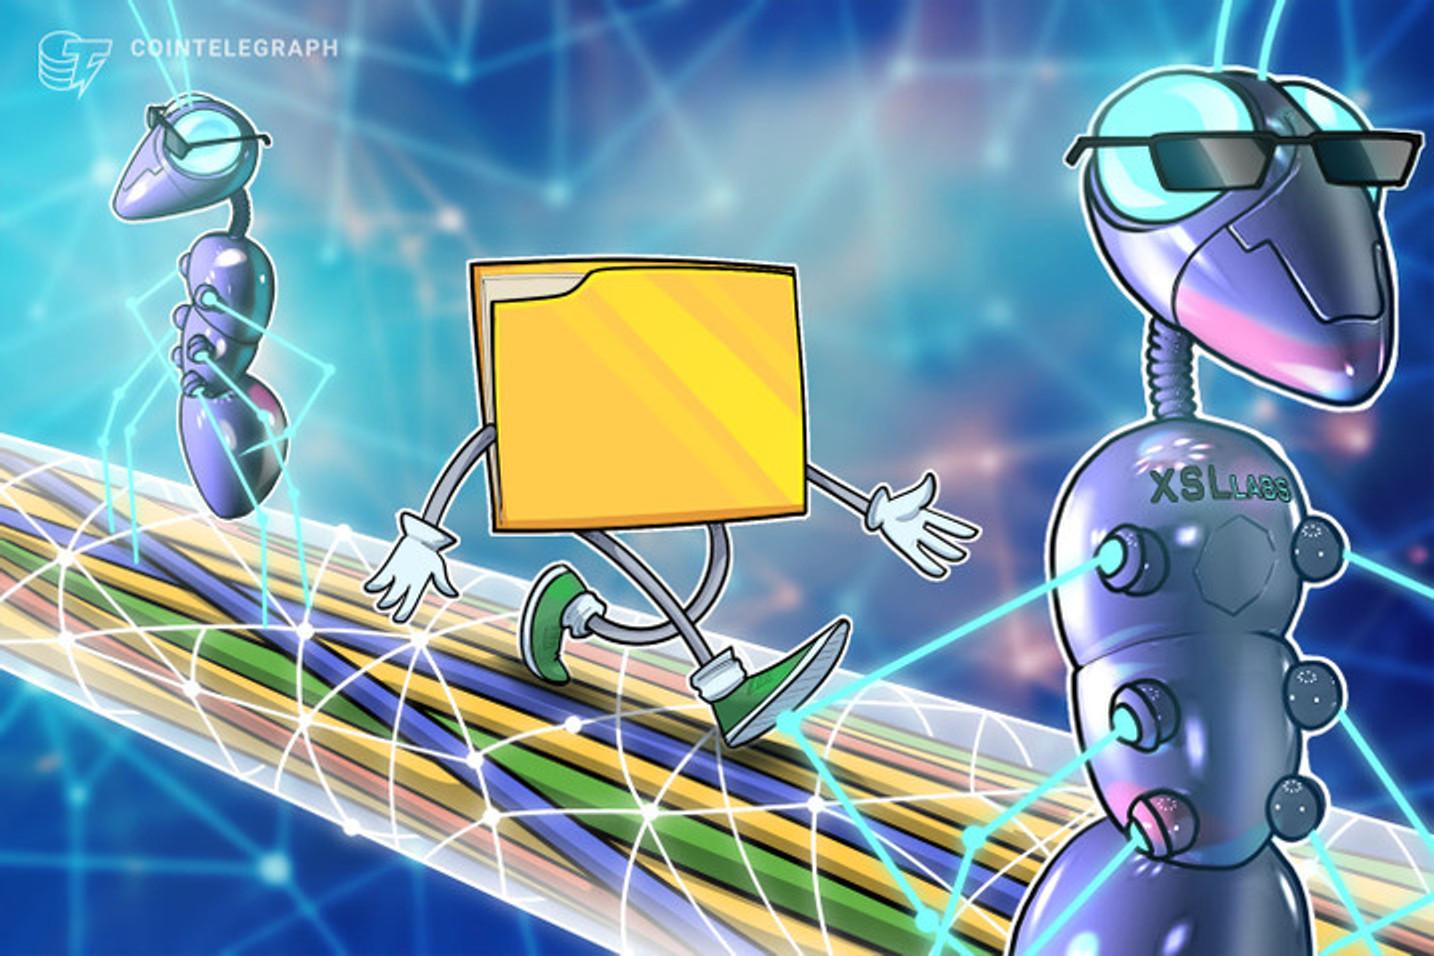 Criptomoedas da Web3 tem potencial de subir 2.000%, diz Andre Franco brasileiro que acertou alta do BTC e de tokens DeFi